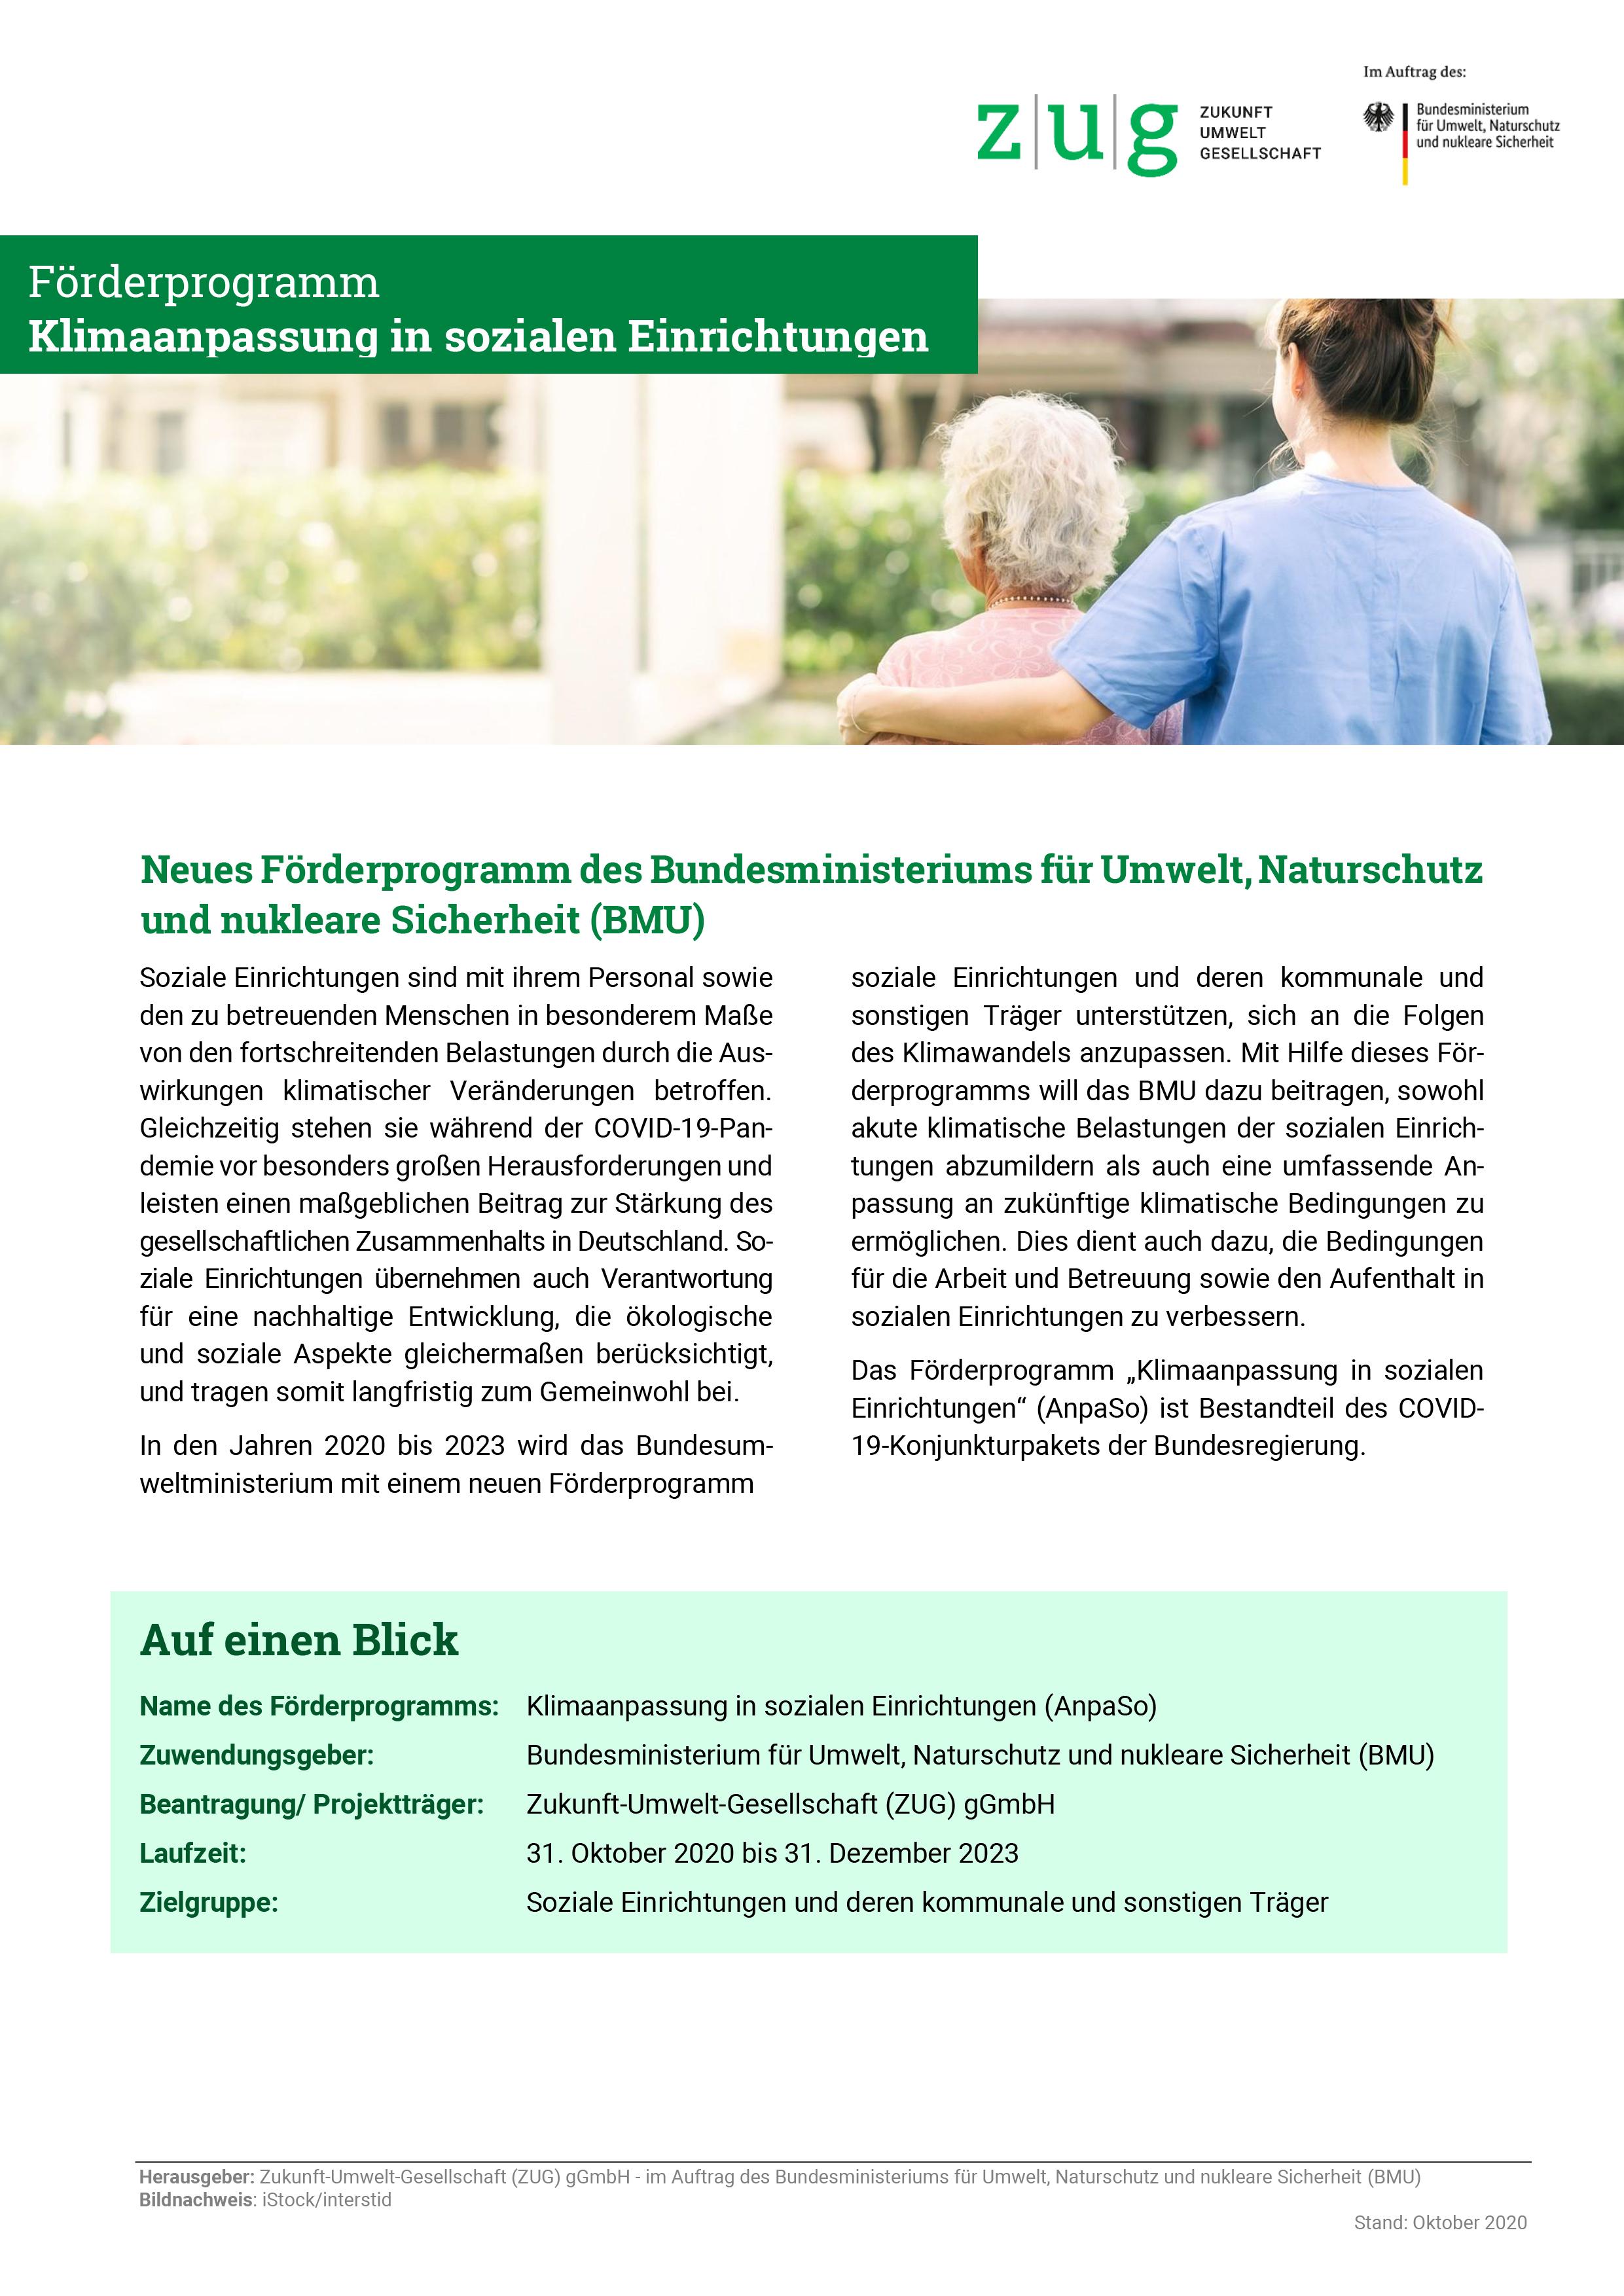 Klimaanpassung_in_sozialen_Einrichtungen_PDF-1.jpg